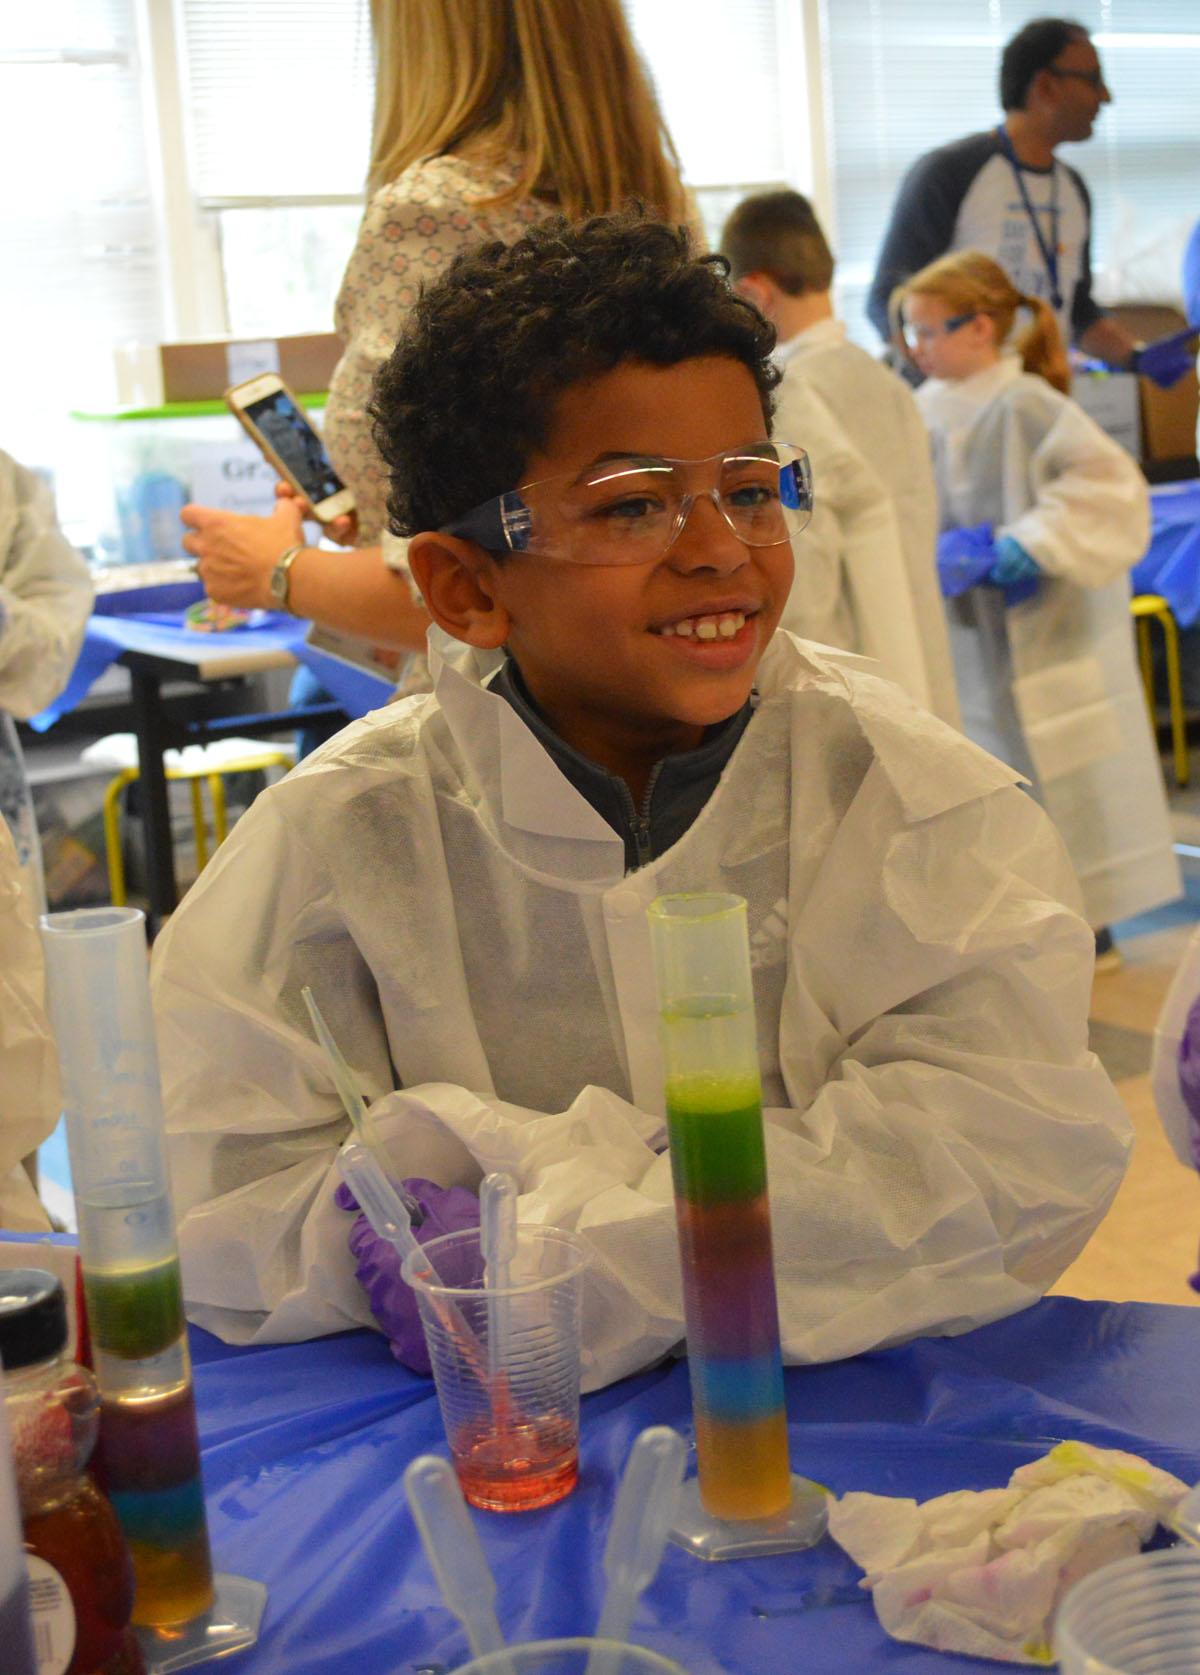 Student in lab coat smiling